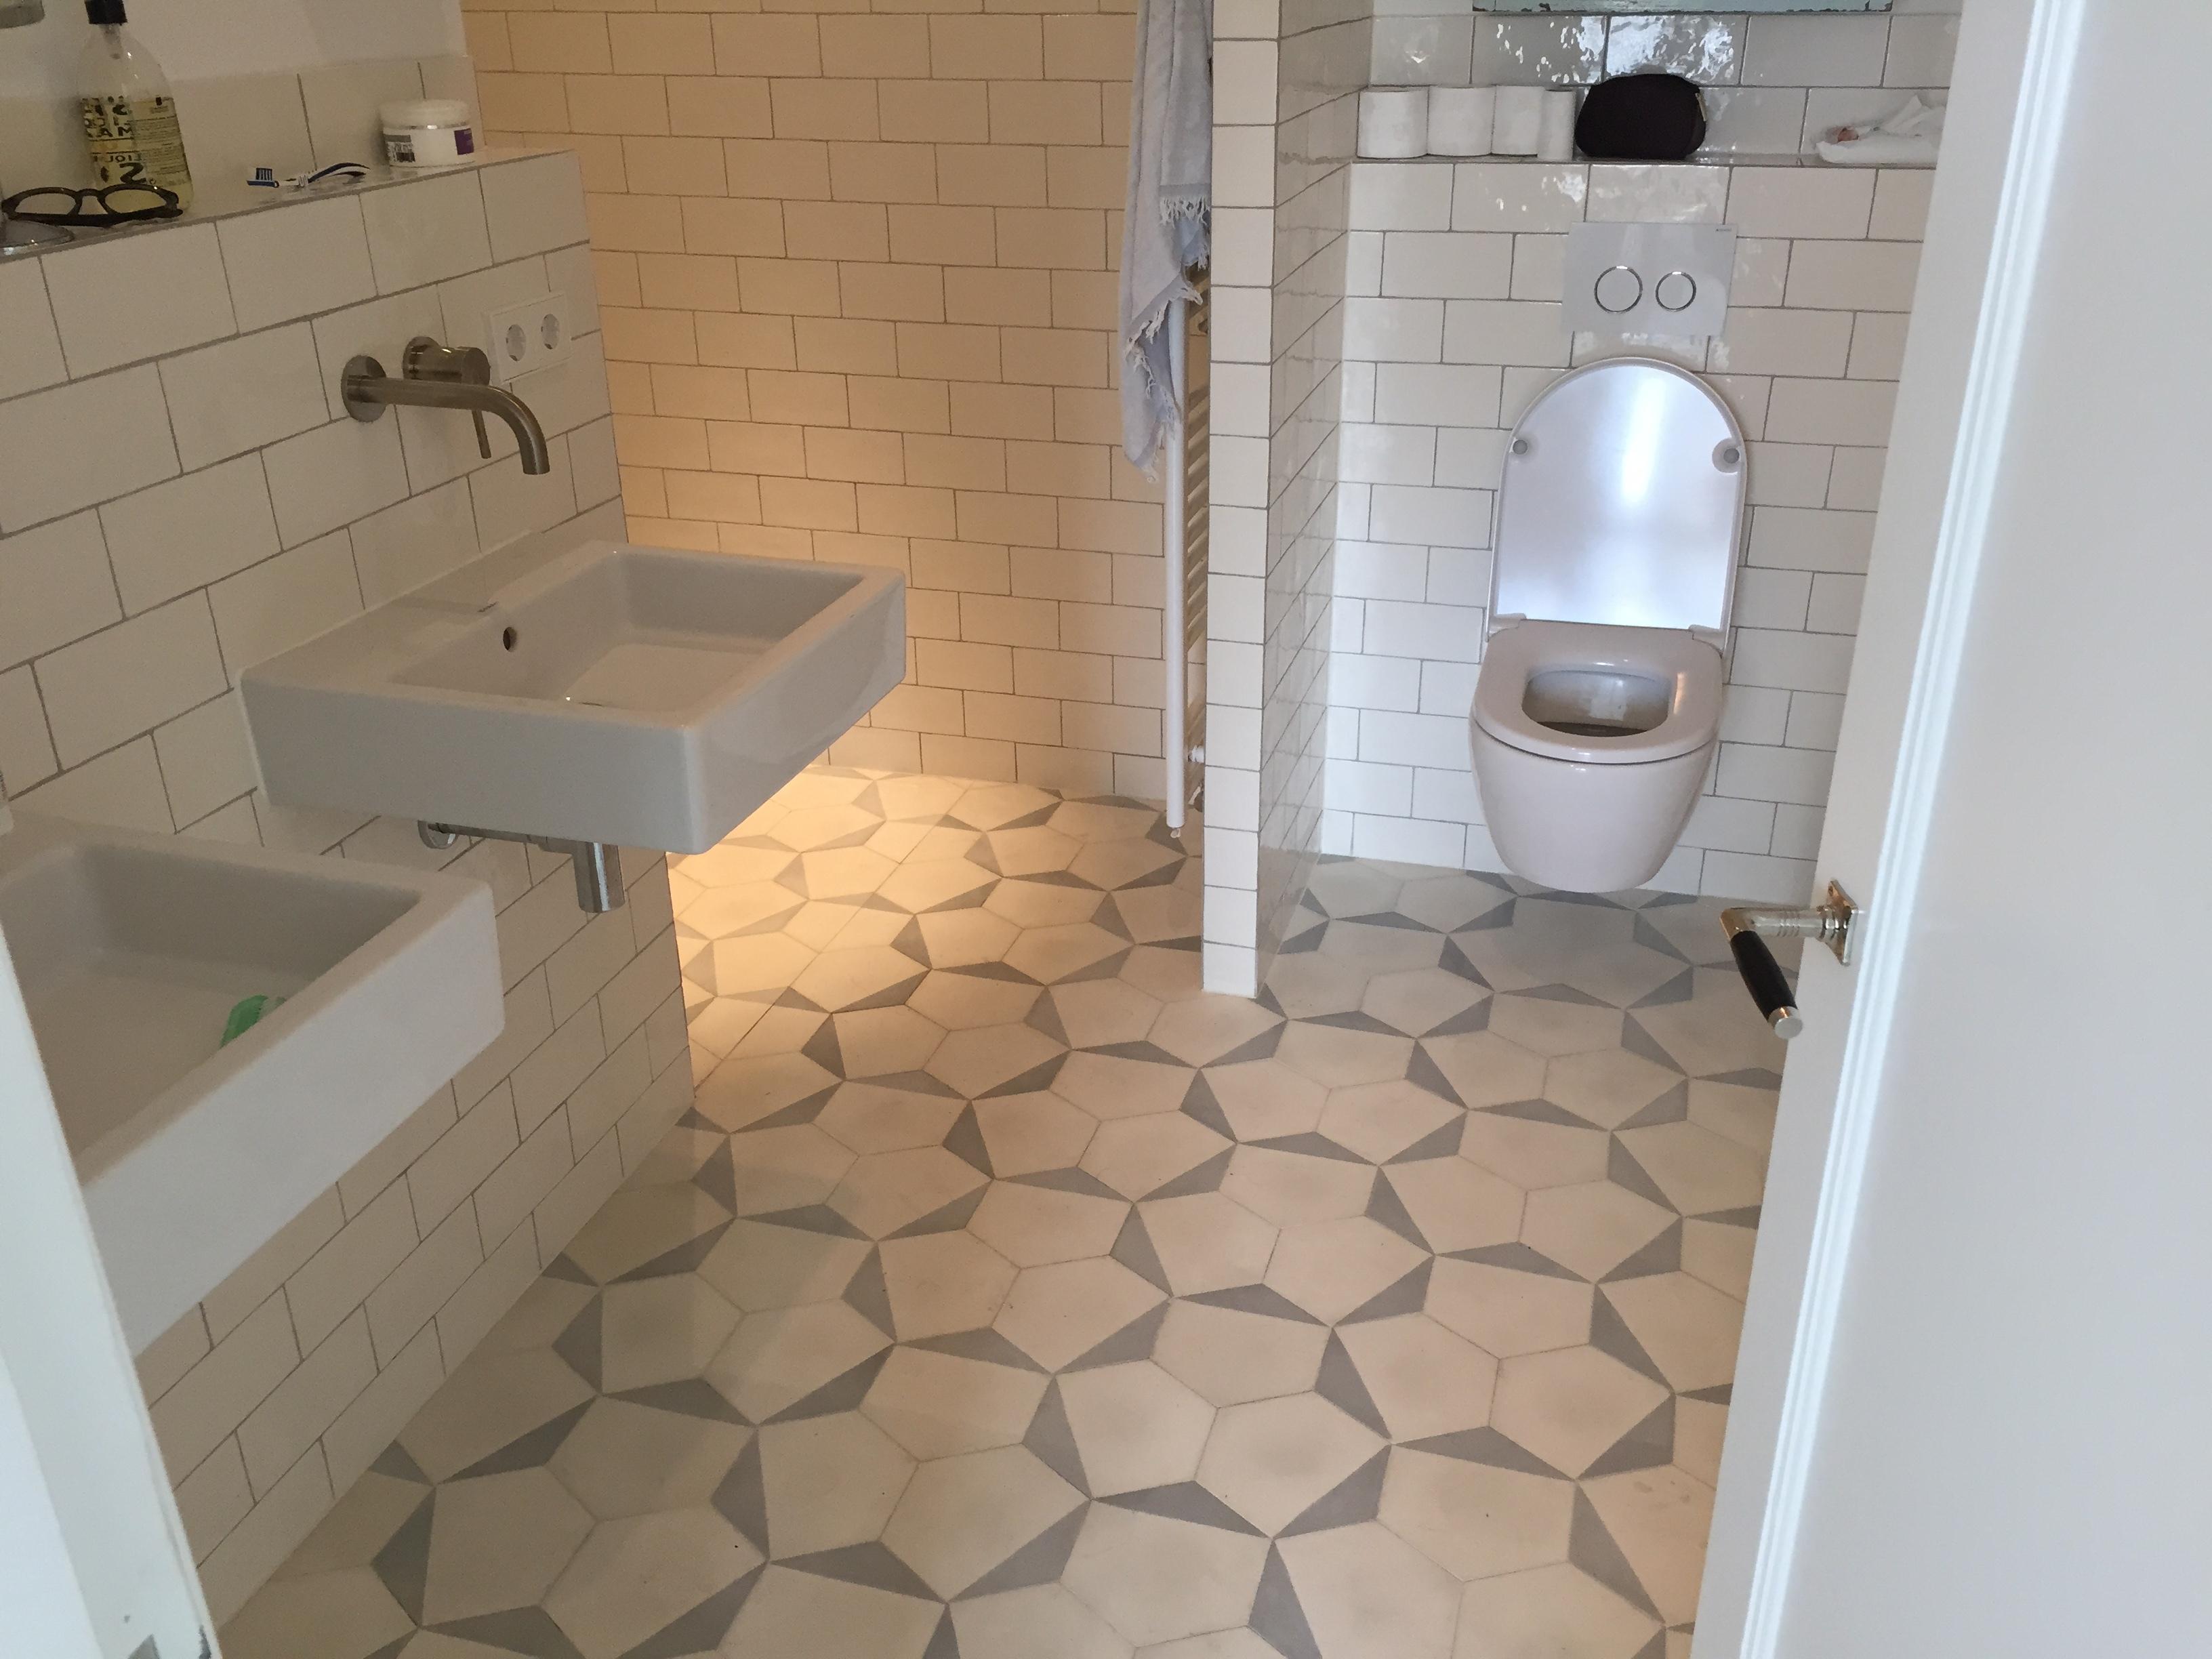 Tegel patroon in badkamervloer - Tegel patroon badkamer ...